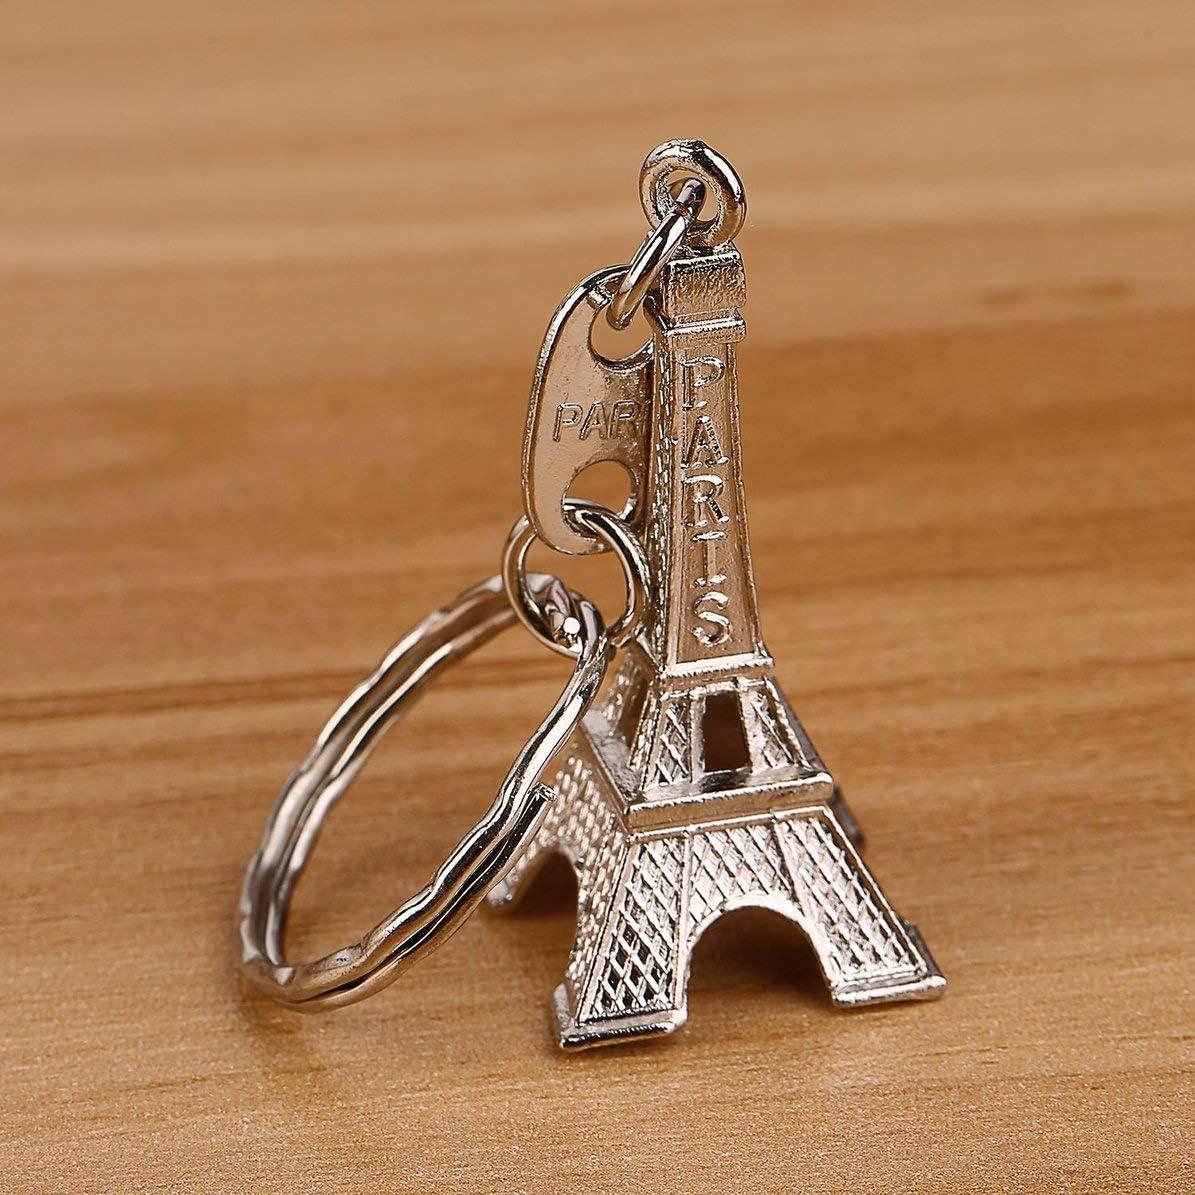 Unisexe R/étro Mini Paris Tour Eiffel Mod/èle Porte-cl/és Porte-cl/é En Cuivre Split avec Couleur De Porte-Cl/é Al/éatoire Al/éatoire Livr/é